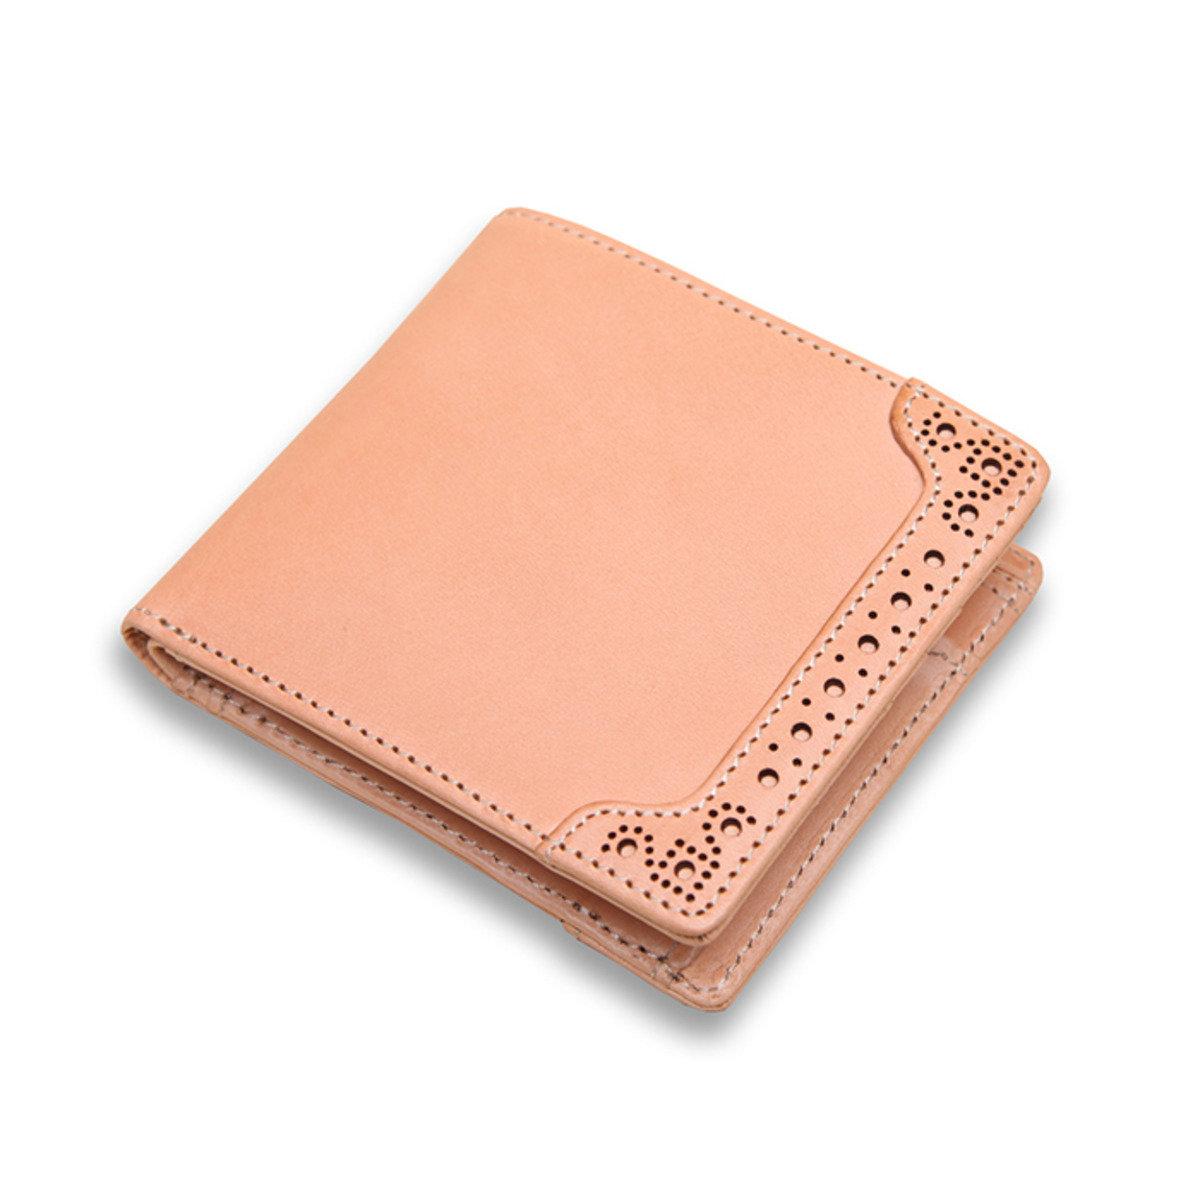 古典對摺錢包